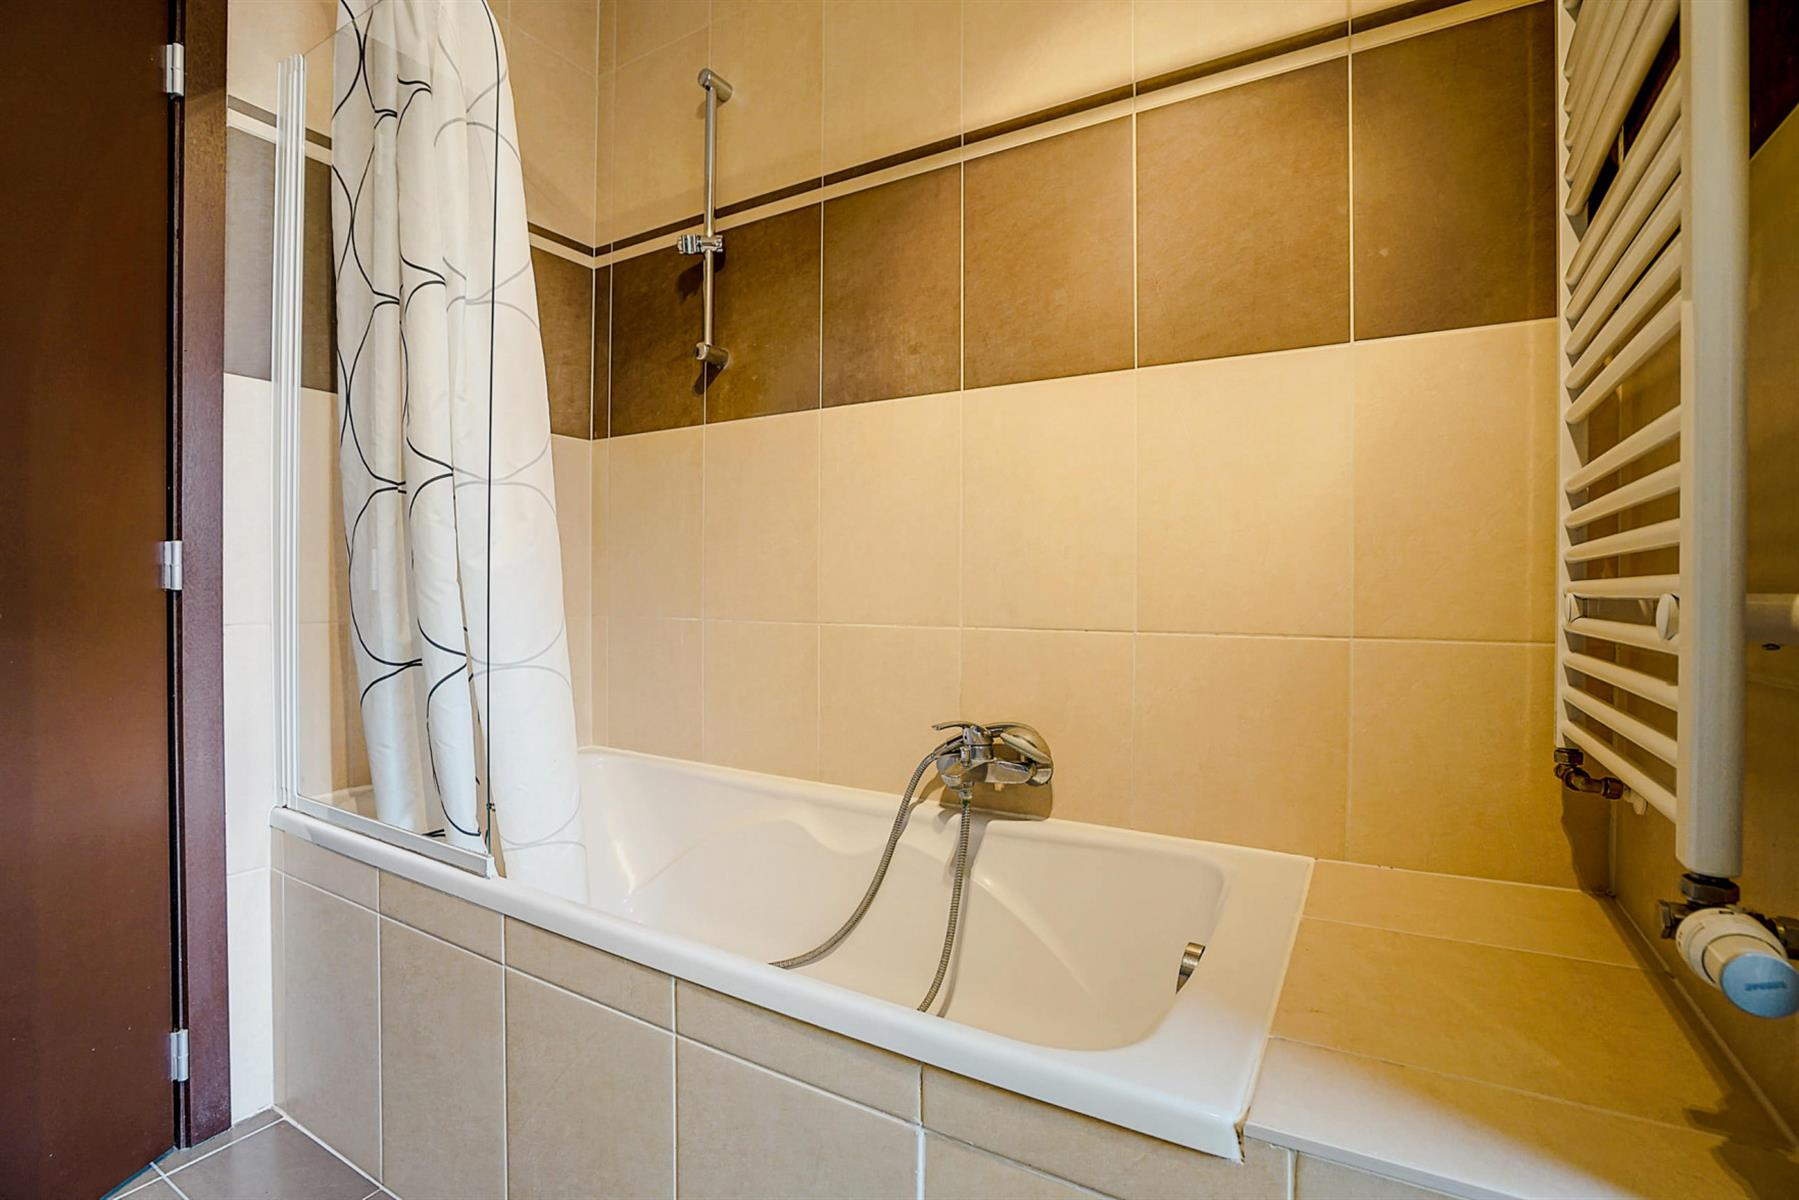 Appartement - Ottignies-louvain-la-neuve - #4505964-18